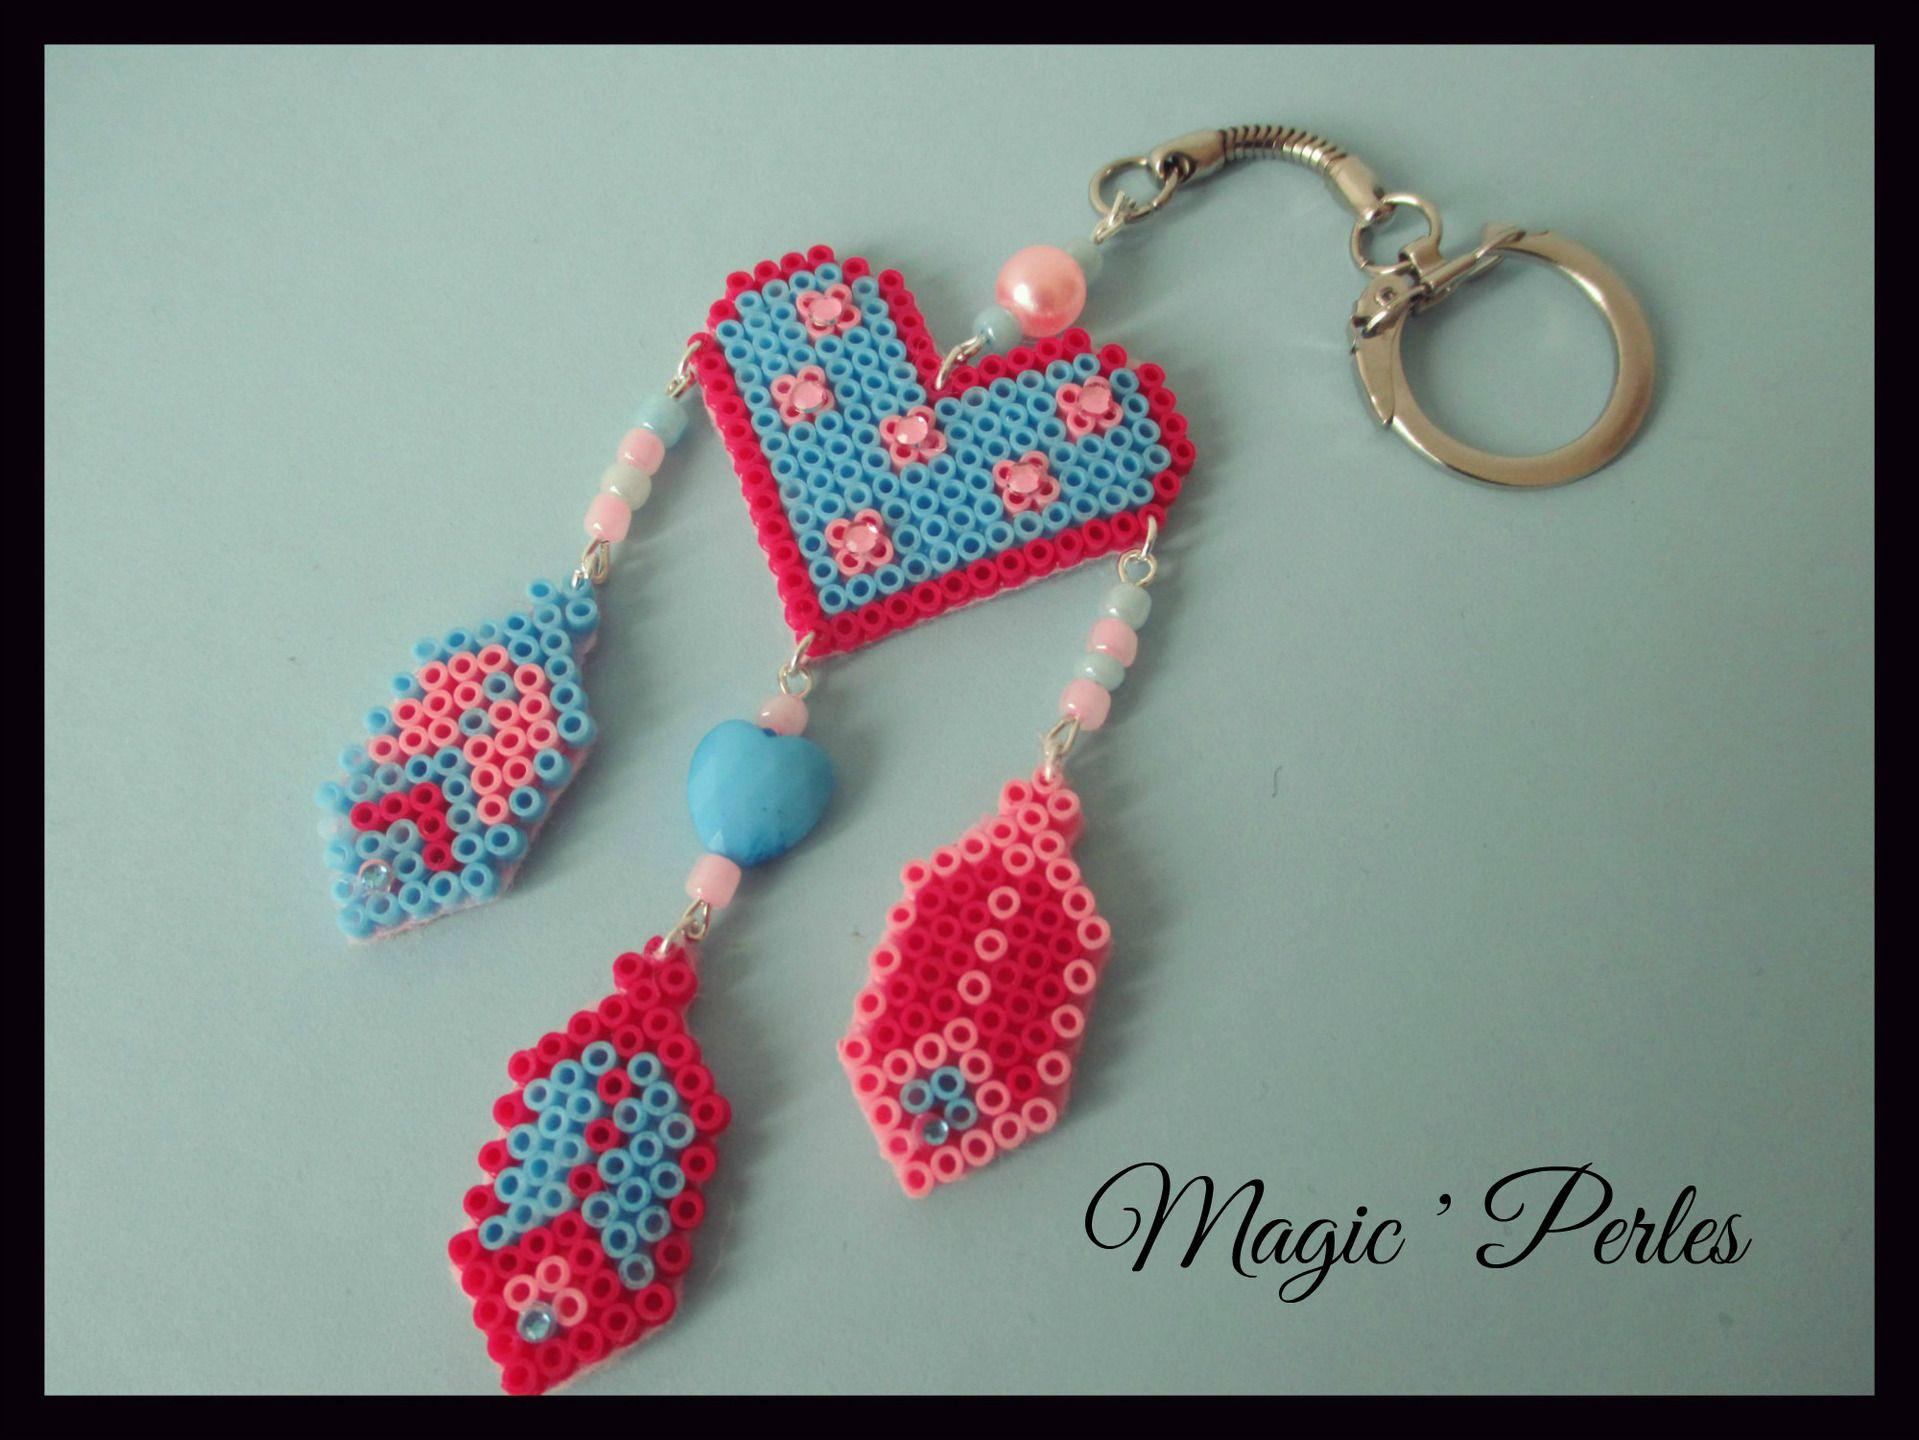 Porte cl s r ves love rose et bleu porte cl s par magic perles perler bead pinterest - Porte cle perle ...